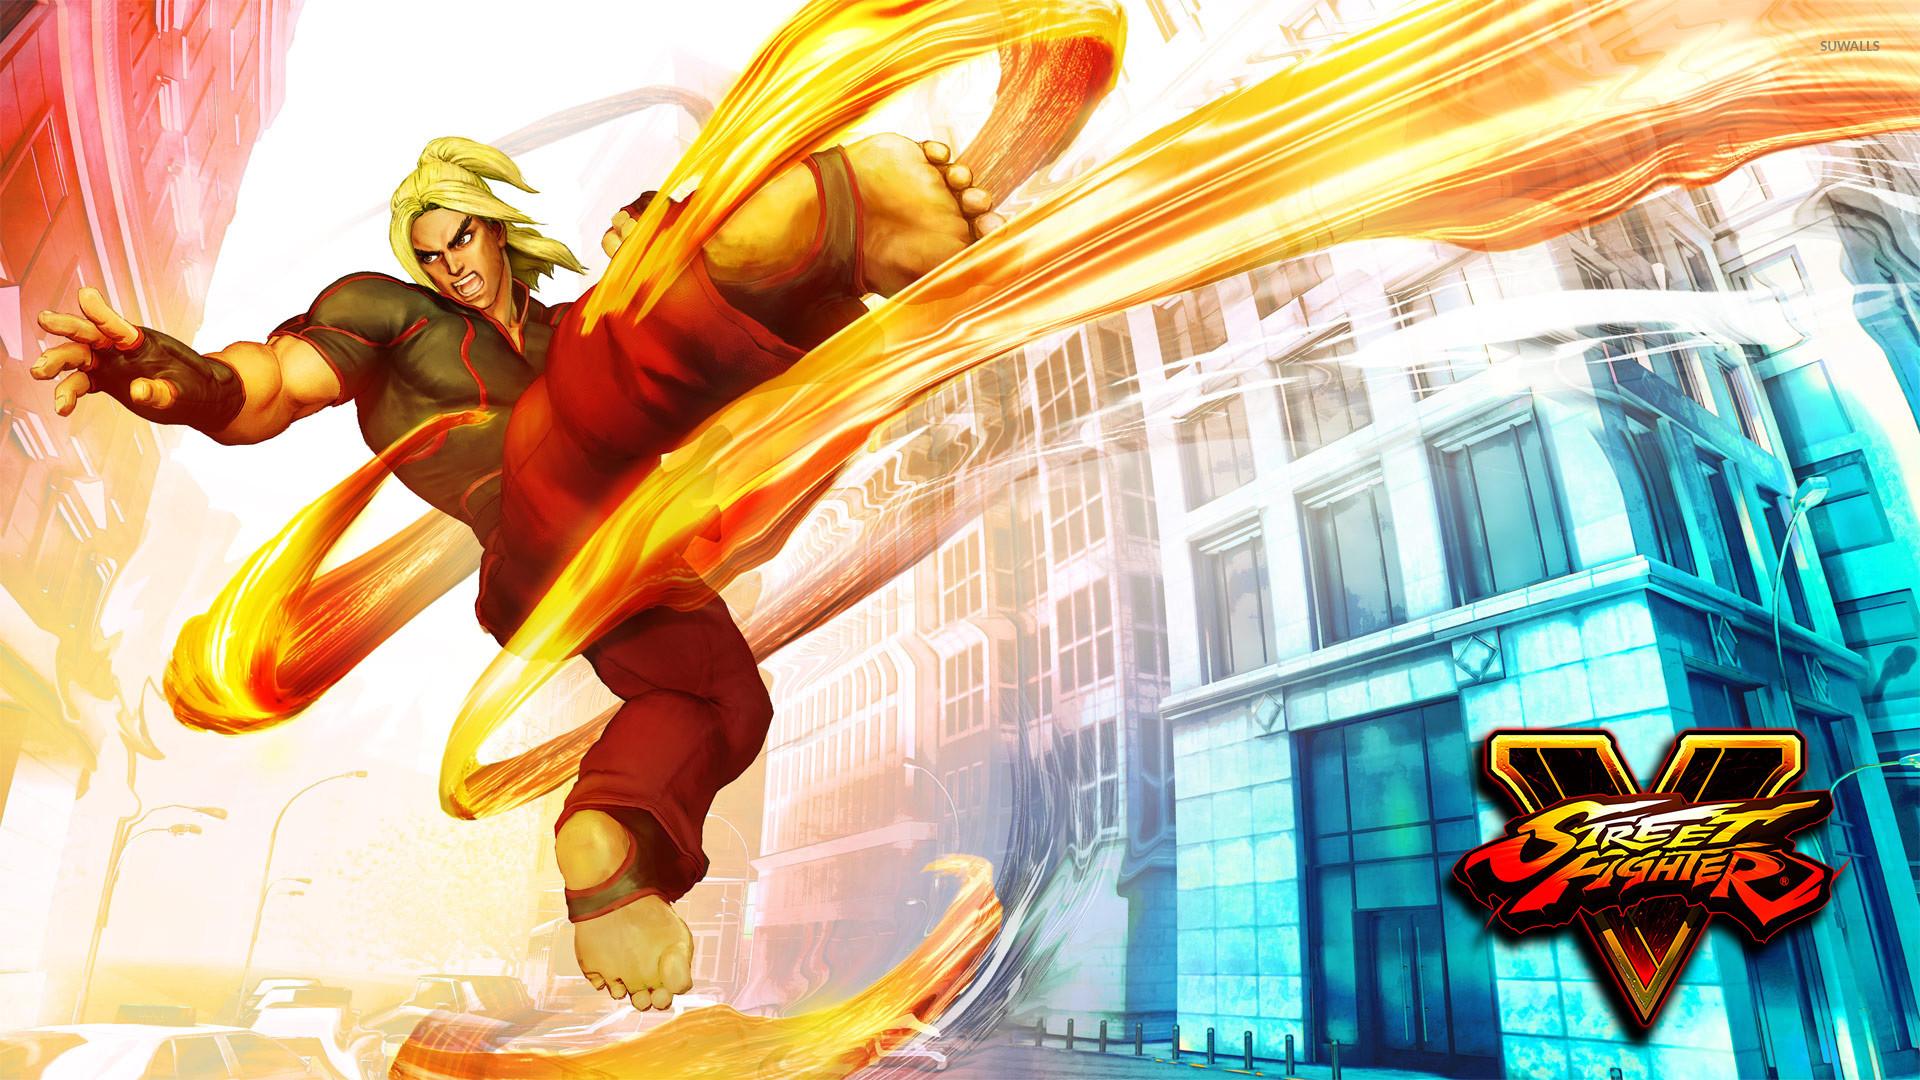 Ken in Street Fighter V wallpaper jpg